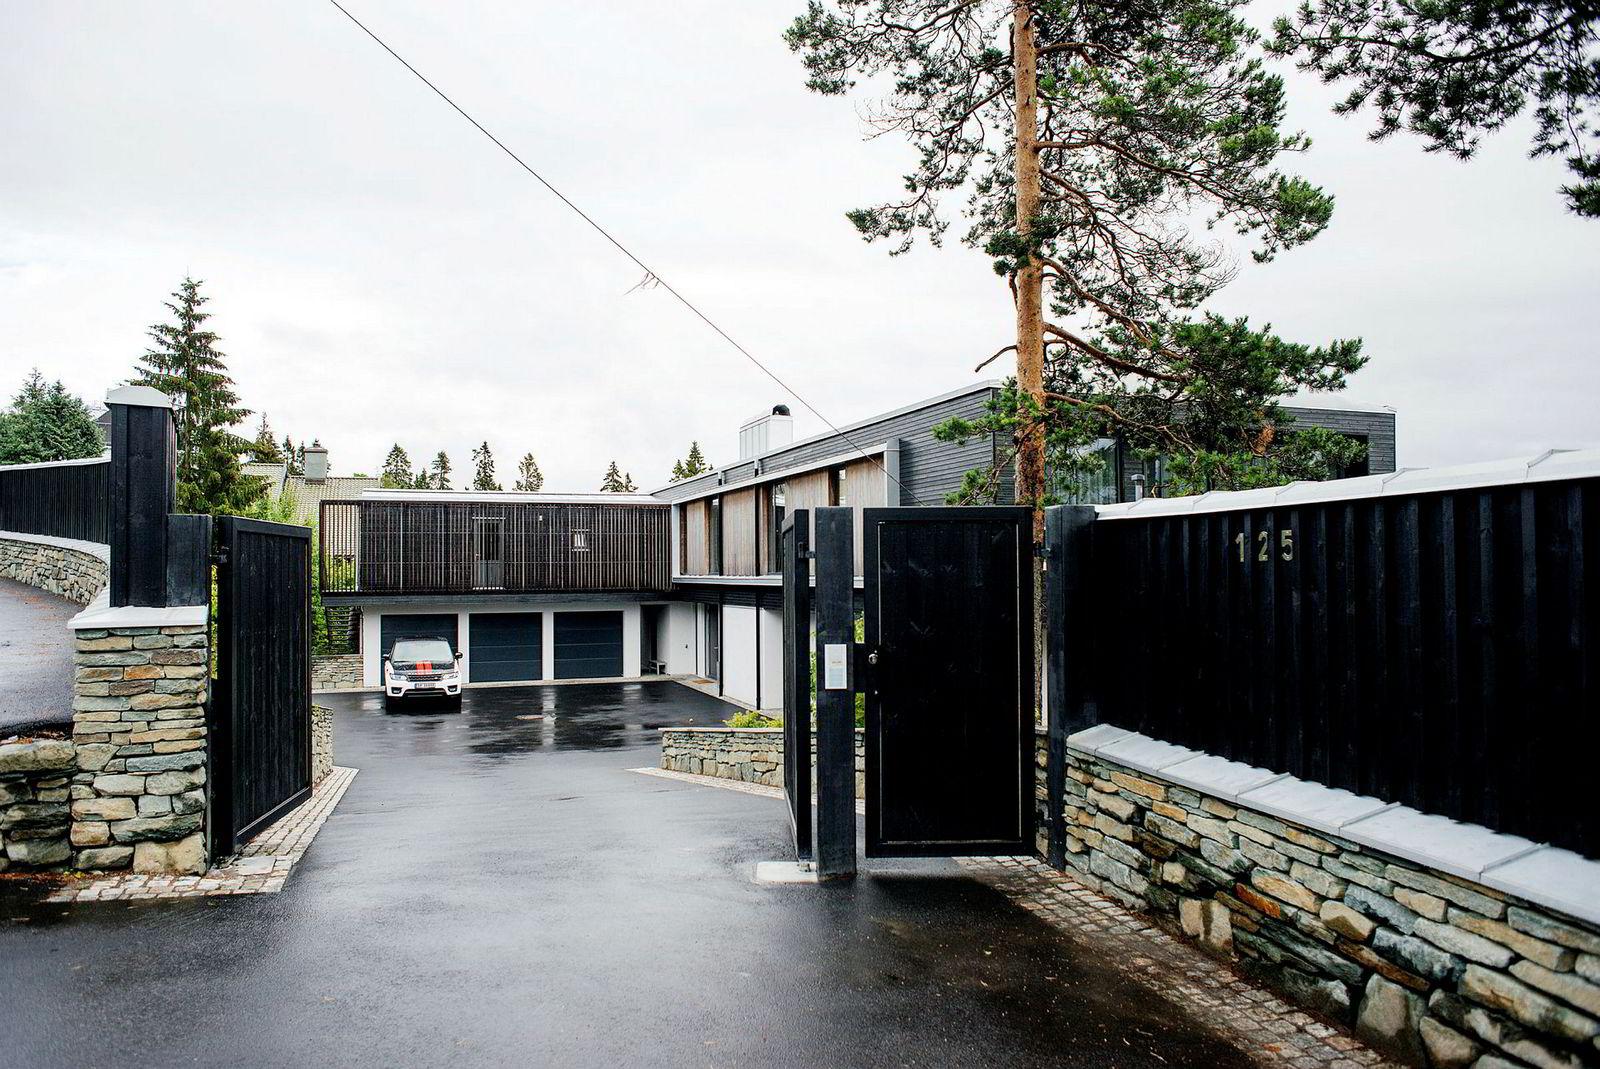 Louise Mohns bolig i Holmenkollen, som hun kjøpte med sin tidligere ektemann Erik Bertrand-Larsen for 75 millioner kroner i 2014.